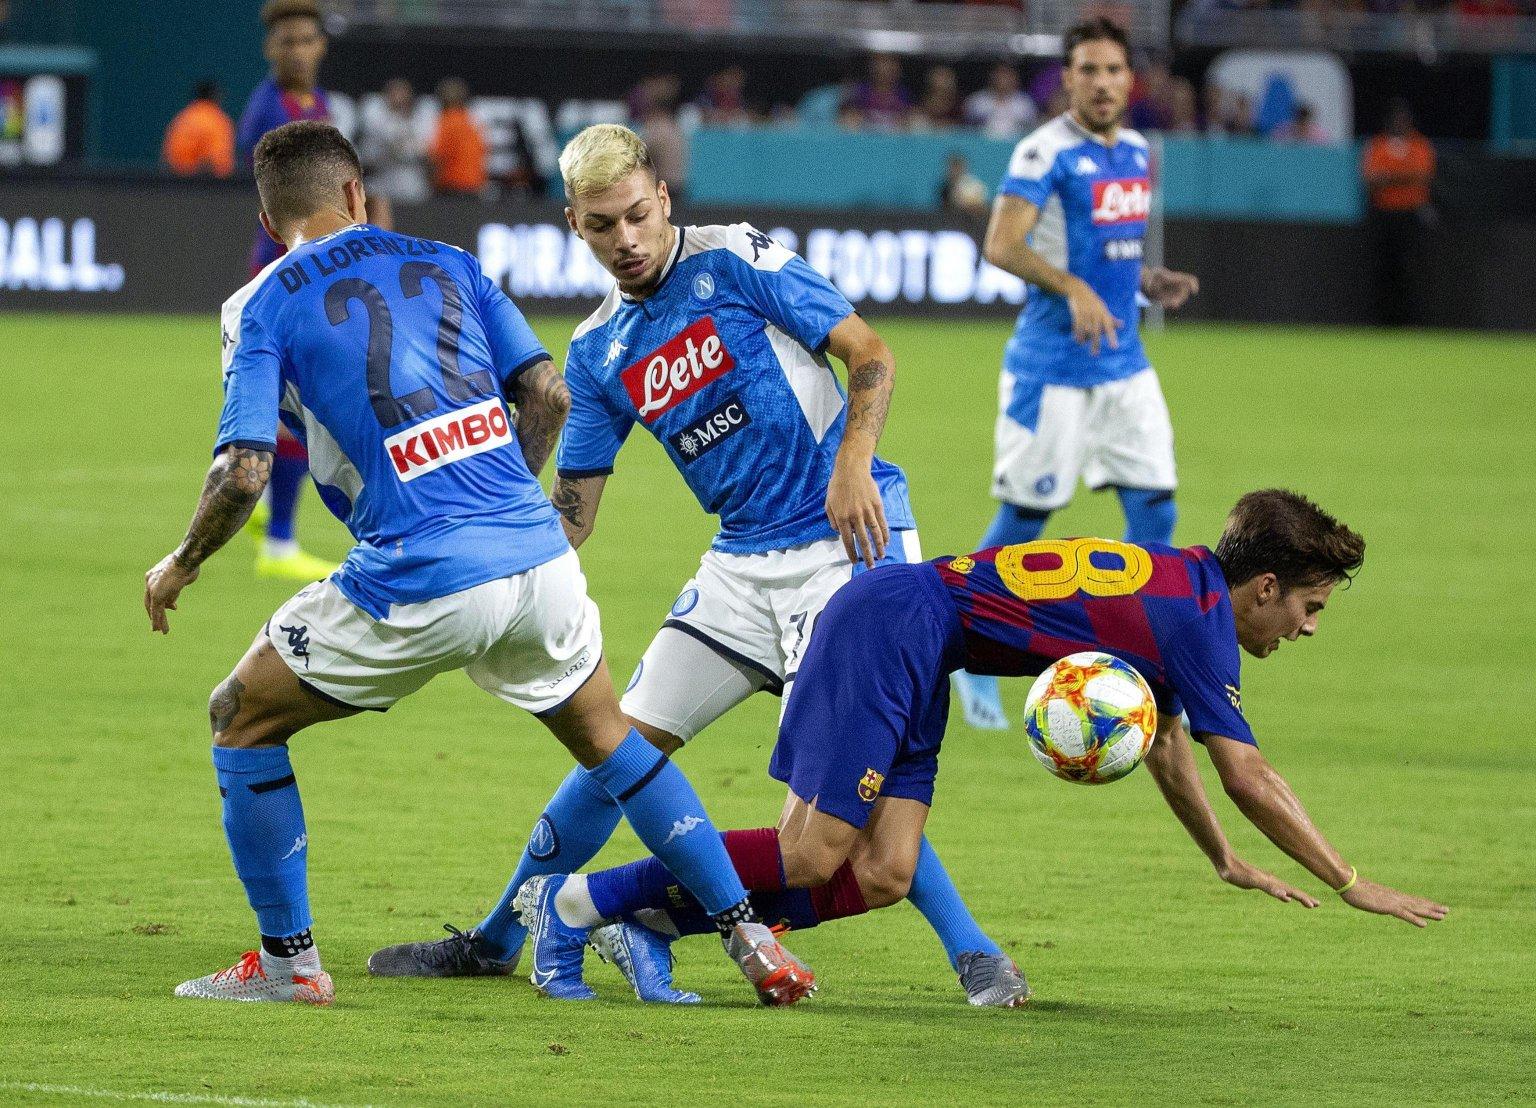 Amichevole, Napoli - Barcellona (diretta tv Sky Sport 251 solo in PPV)